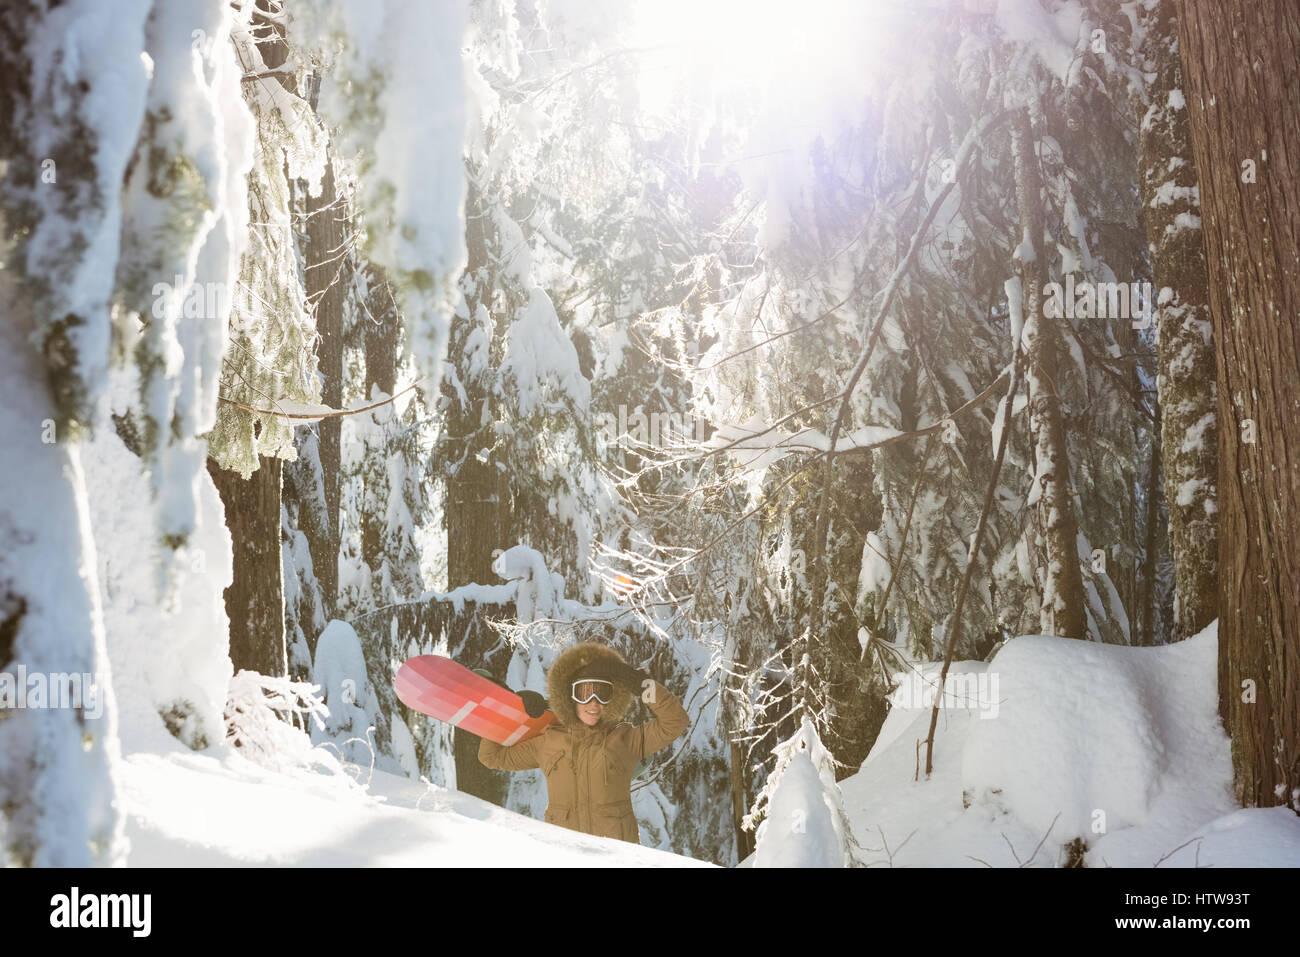 Femme avec snowboard marche sur la montagne enneigée Photo Stock